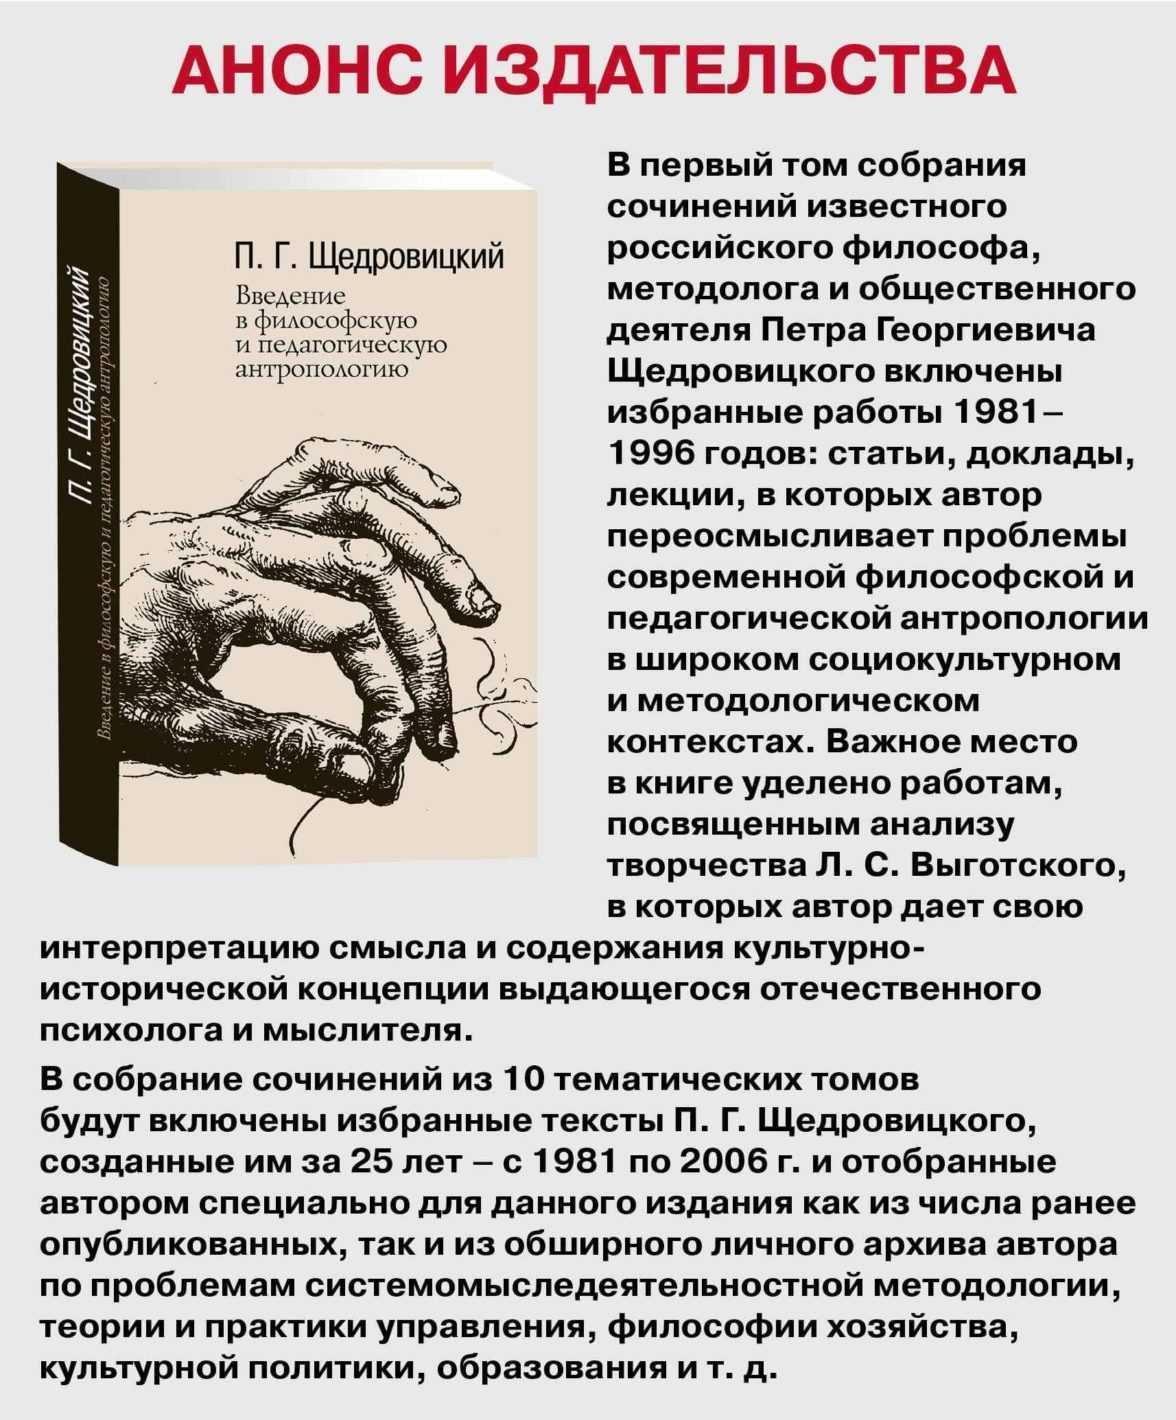 akcija shhedrovickij 1 1 1 e1576290728332 - Том 1. Введение в философскую и педагогическую антропологию